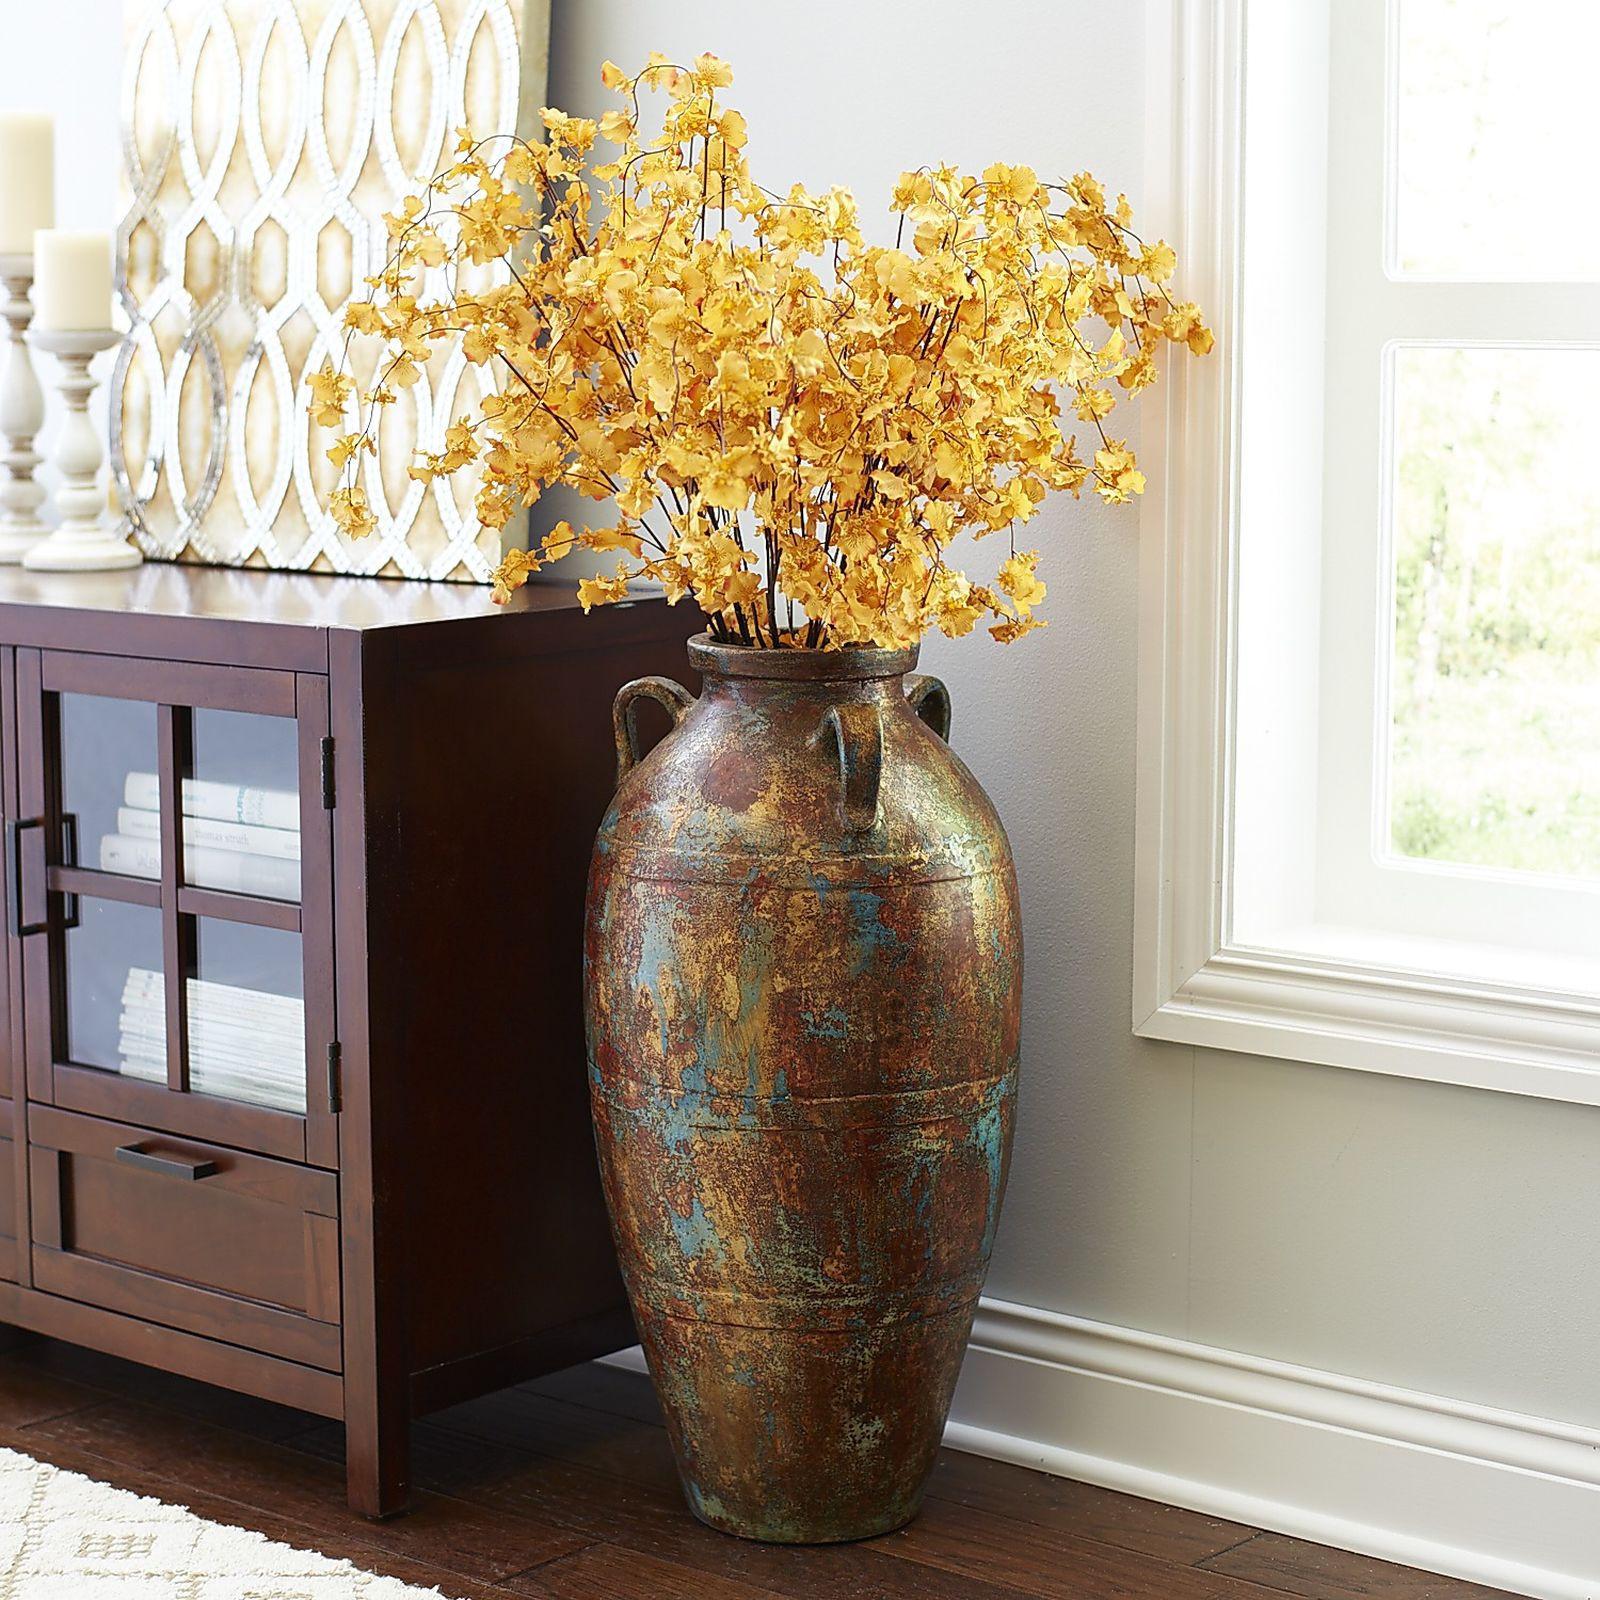 tall slim floor vase of tall mirrored floor vase mirror ideas within tall floor vase terracotta floor vase ideas of large vases for living room extra